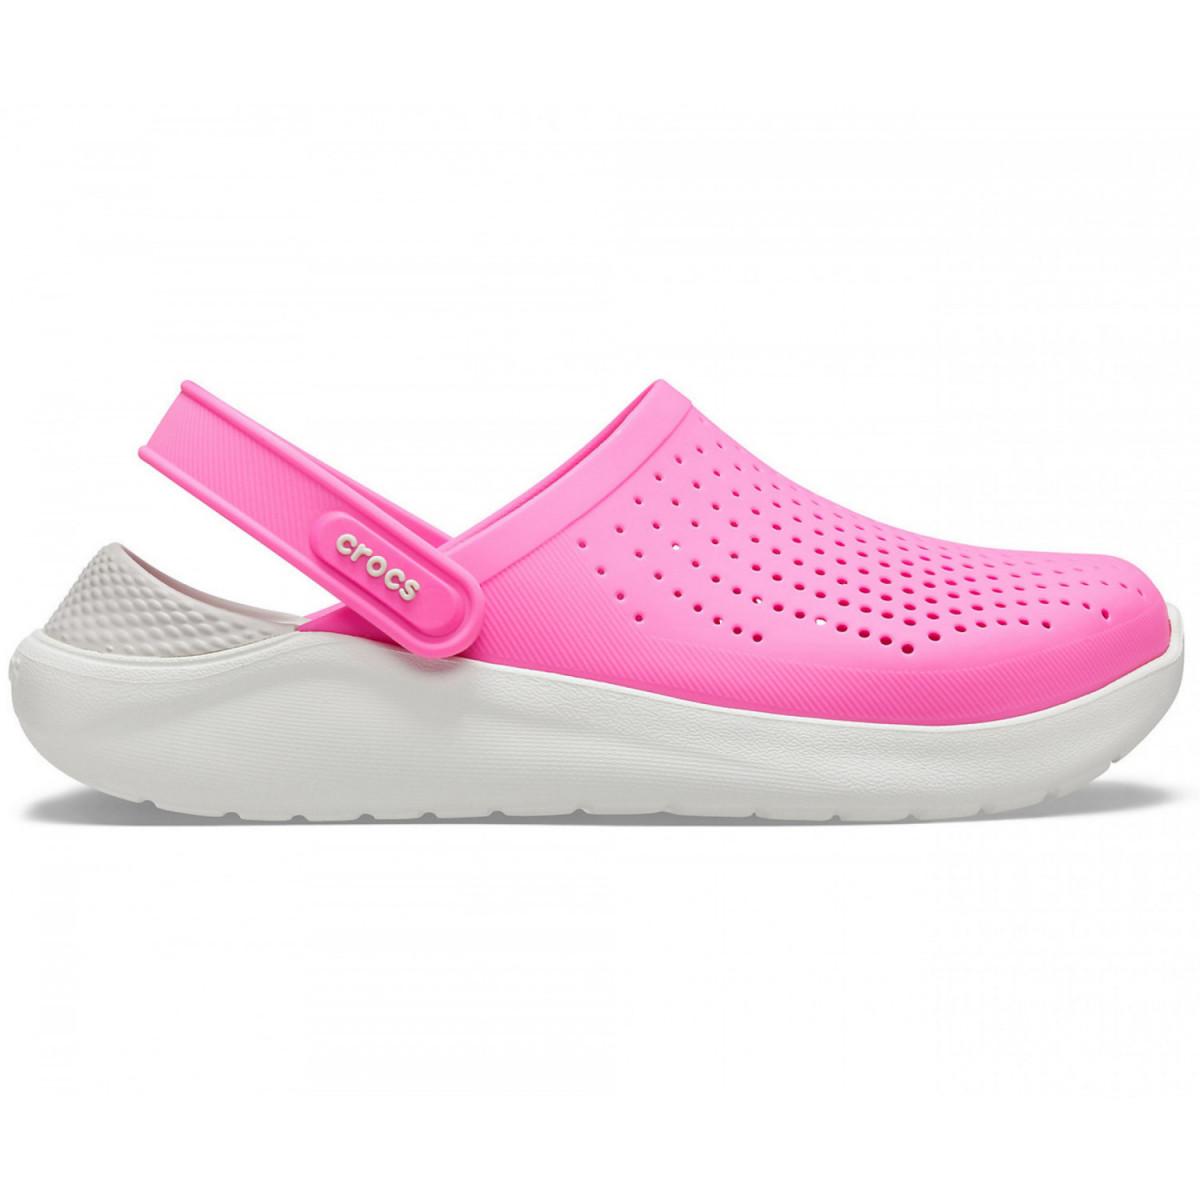 Крокси сабо Жіночі Lite Ride Clog Electric Pink/ M4-W6 36-37 22,1 см Рожевий